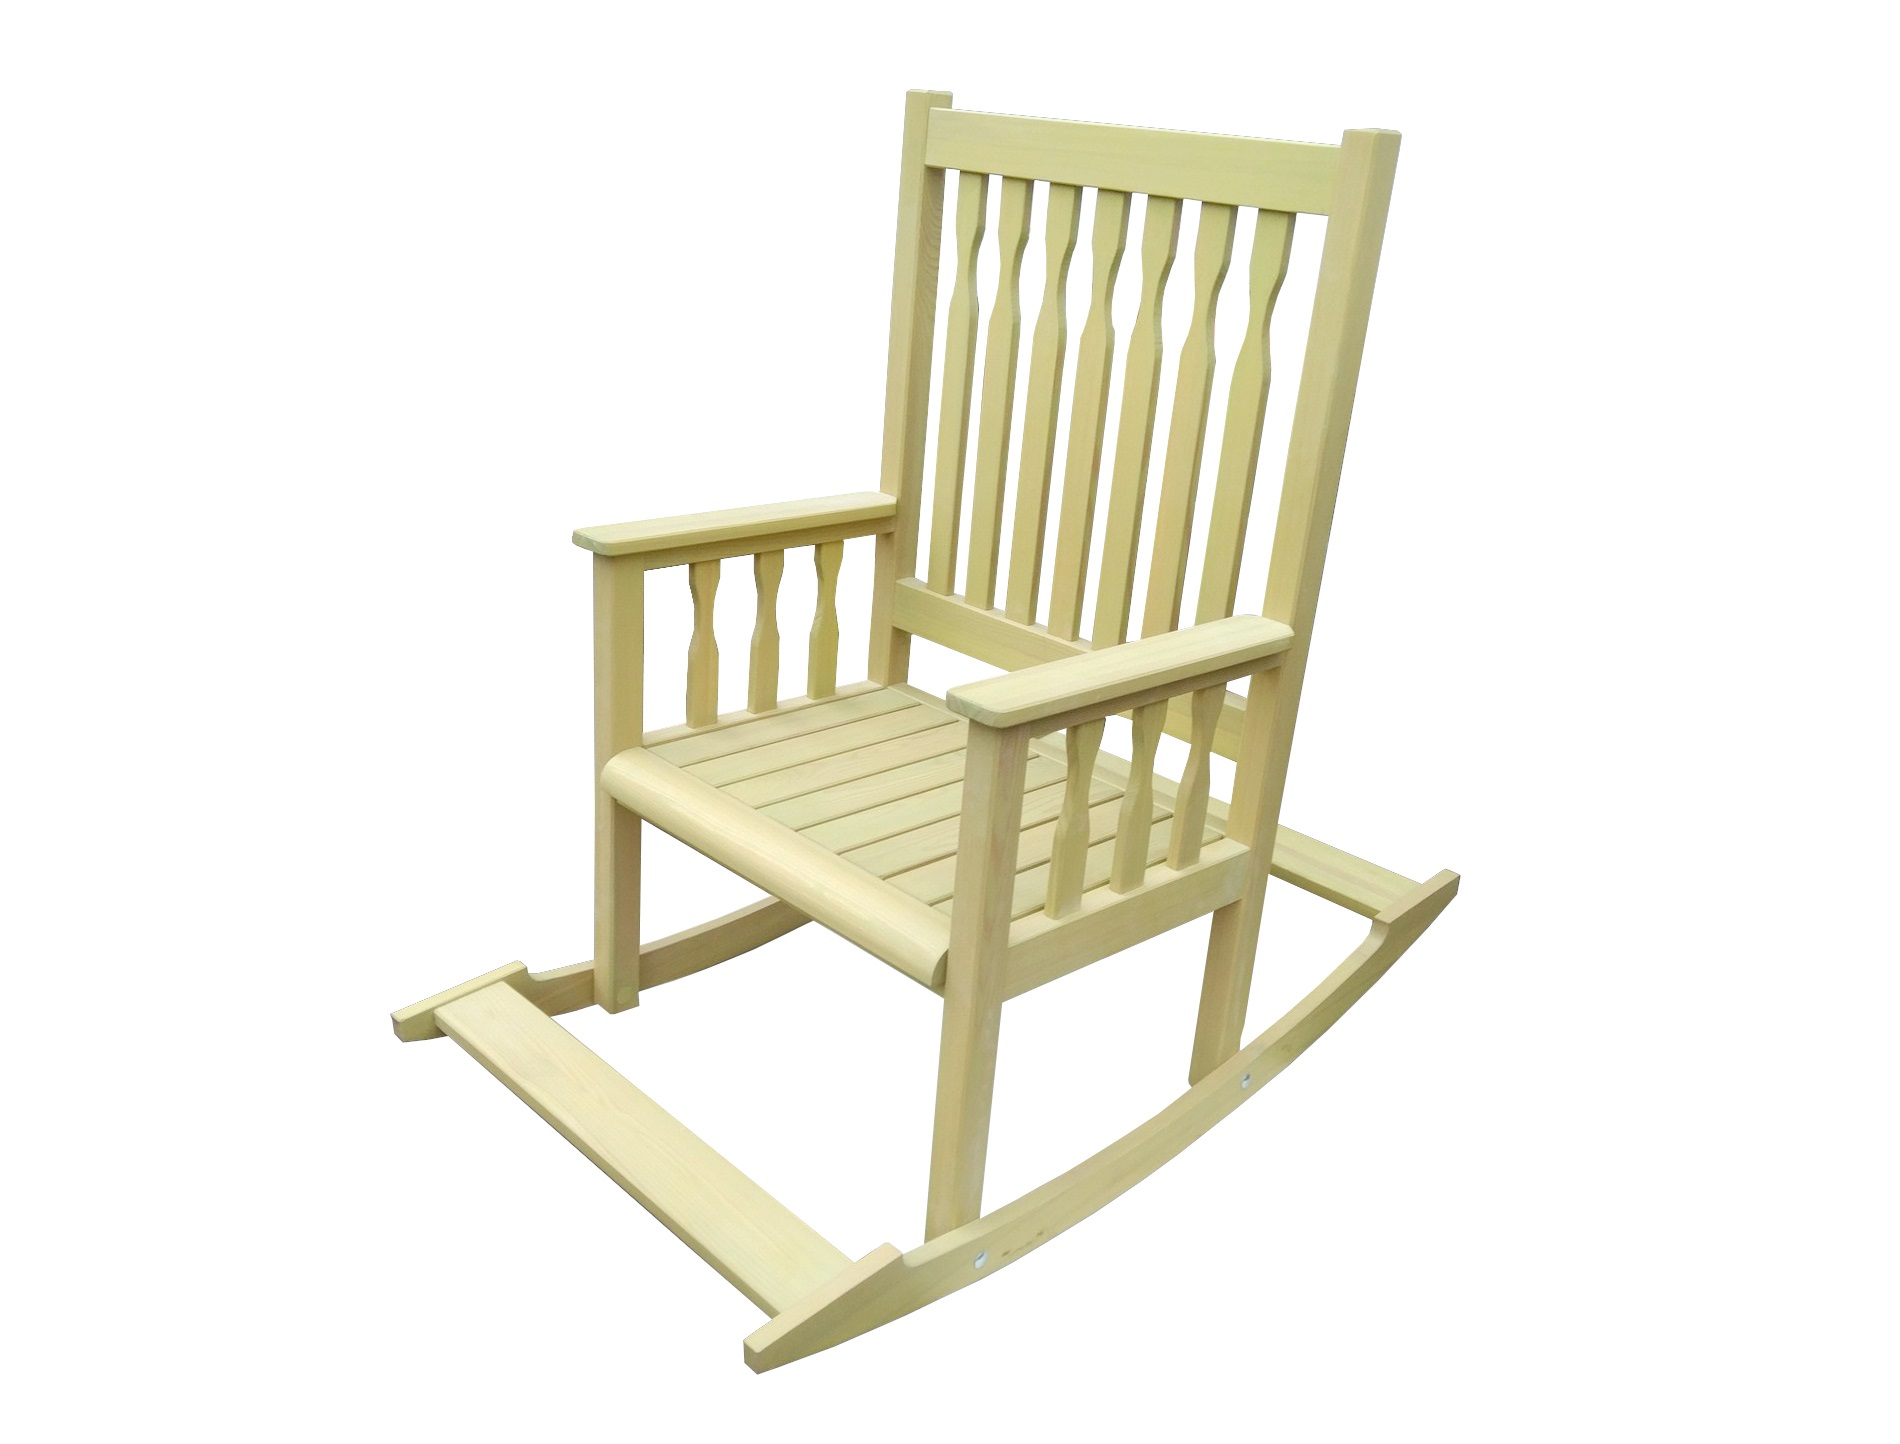 Кресло-качалка SofaSwing 15435999 от thefurnish